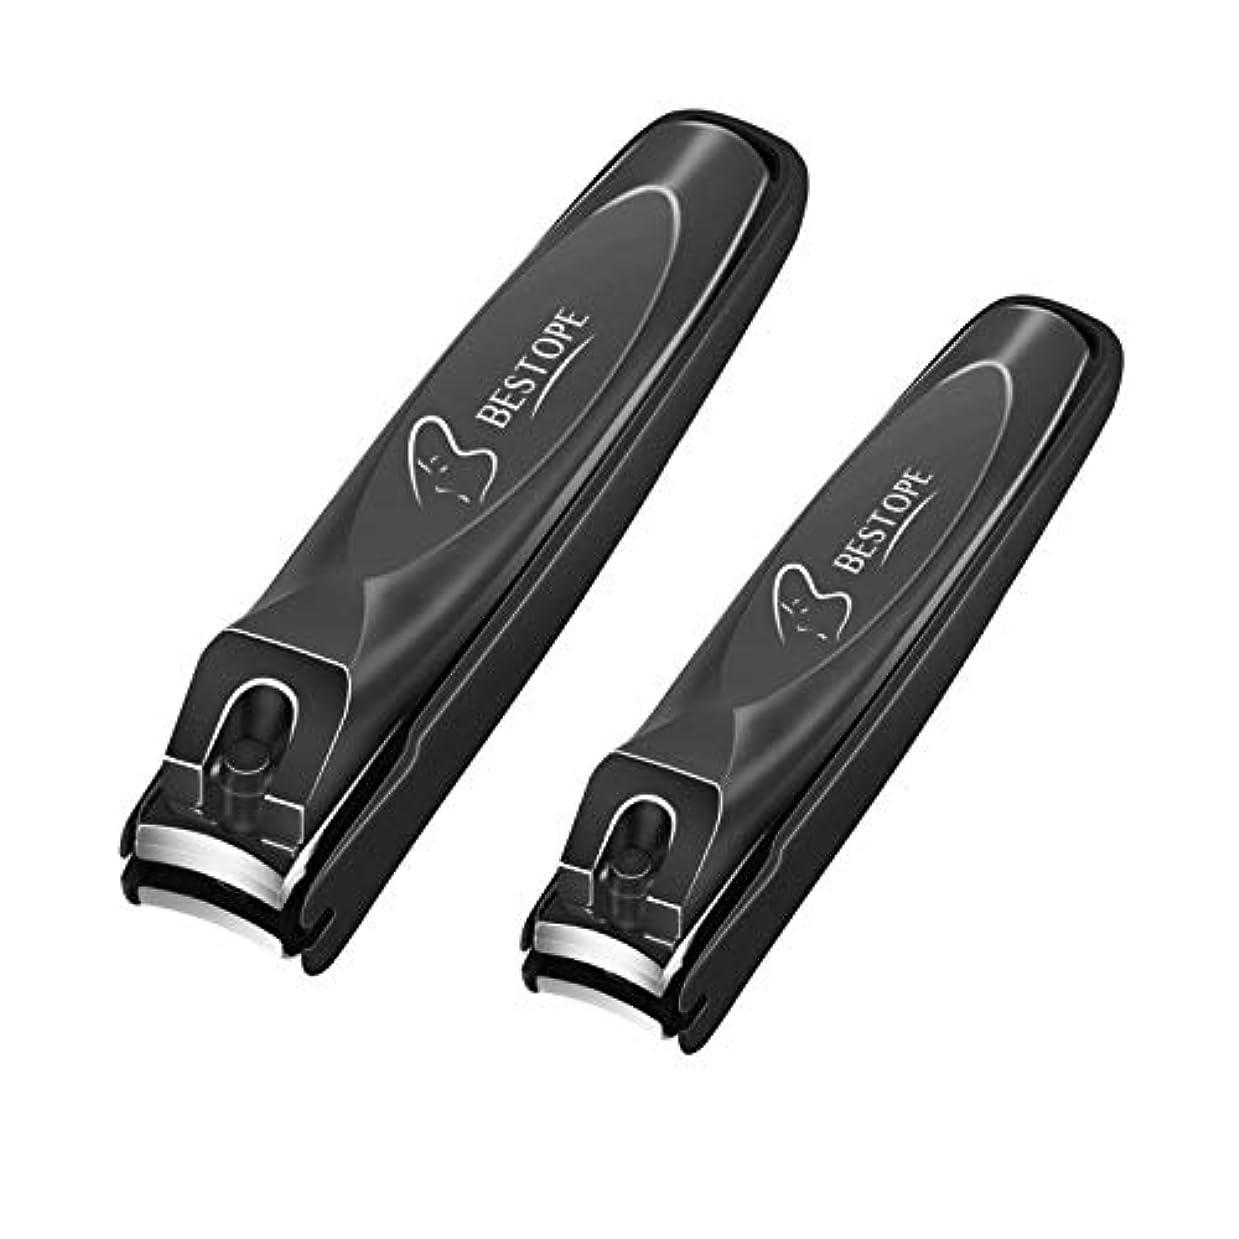 キュービック会社任命するBESTOPE 爪切り カバー付き ステンレス鋼製 爪やすり付き 飛び散り防止 手足用 2本セット